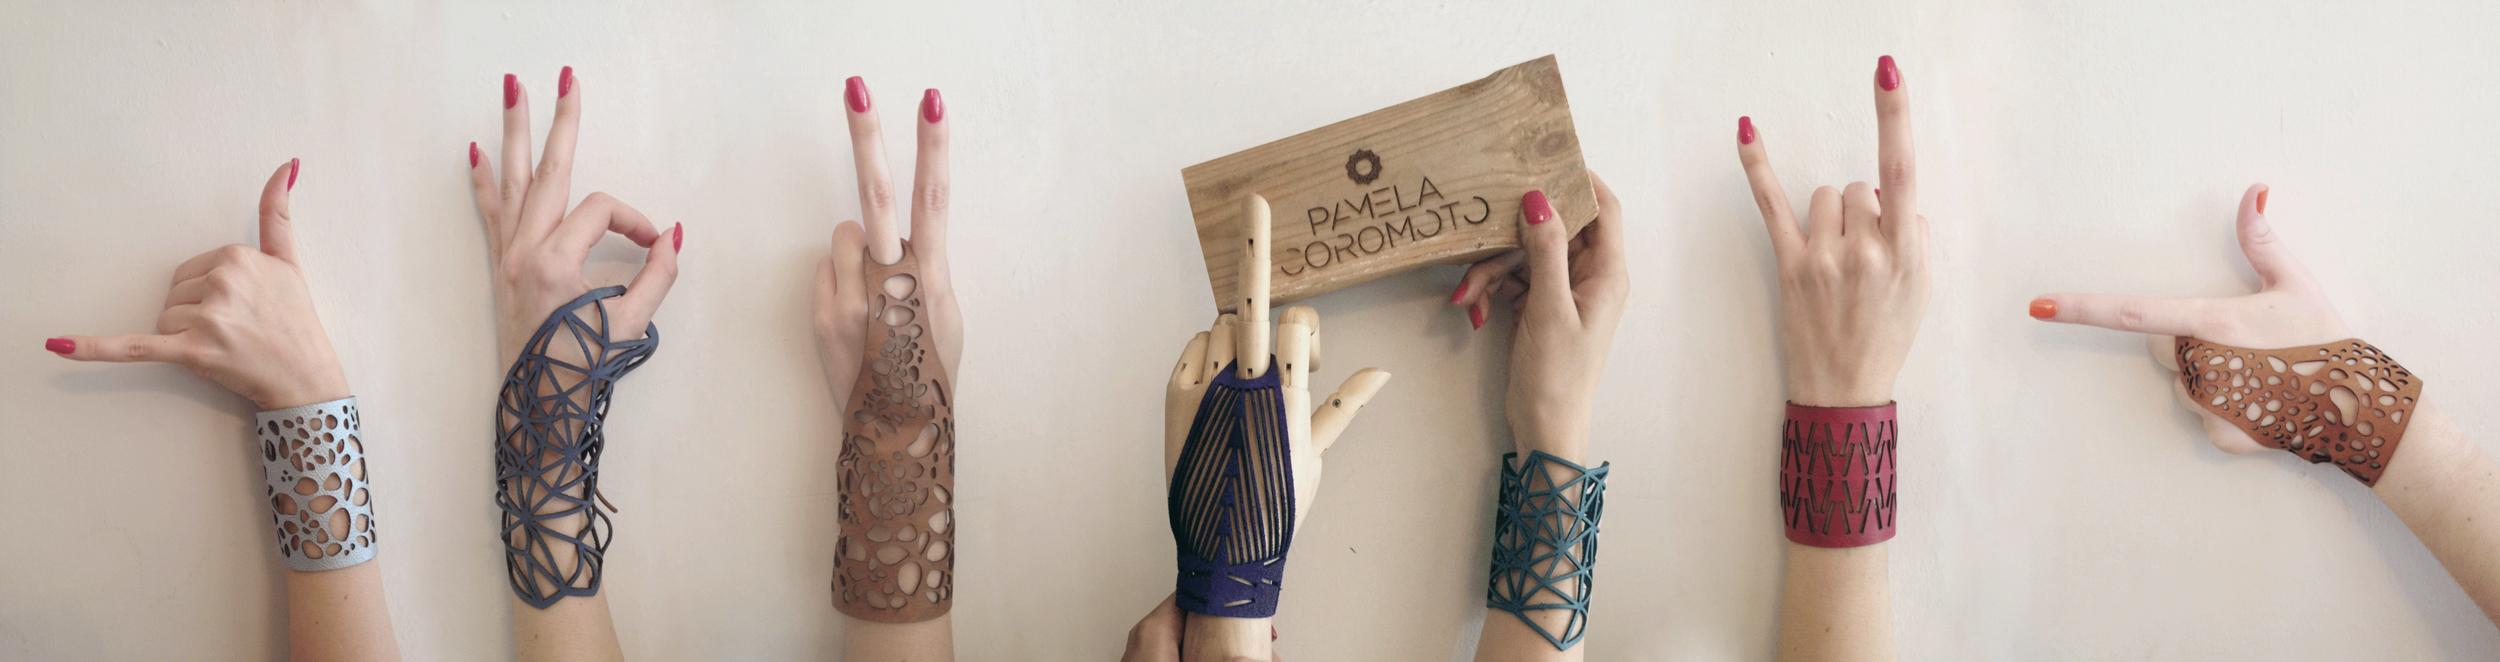 Bracelets Pamela Coromoto